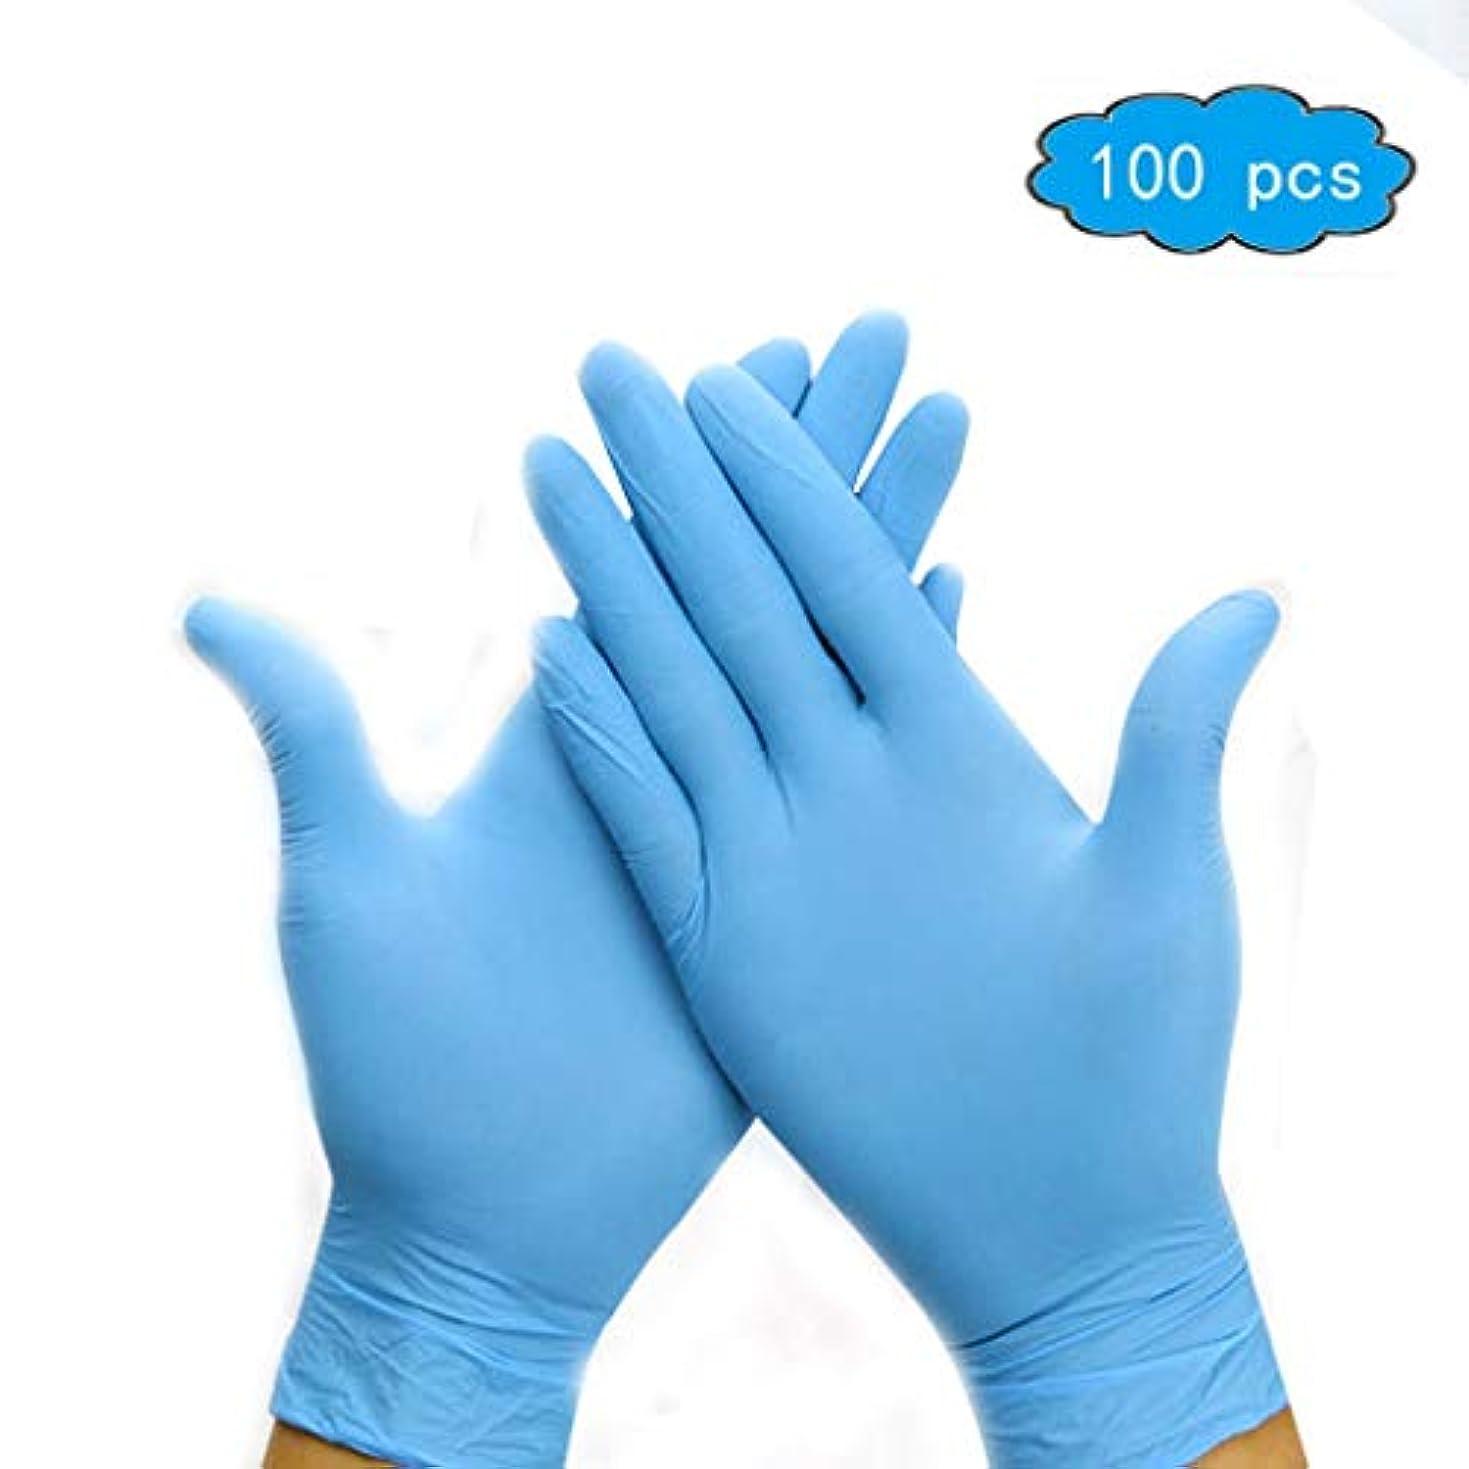 誠実施設マラソン使い捨てニトリル手袋 - パウダーフリー、ラテックスフリー、メディカル試験グレード、無菌、Ambidextrous - テクスチャード加工のソフト - クールブルー(中、1パック、100カウント)、手?腕の保護 (Color...